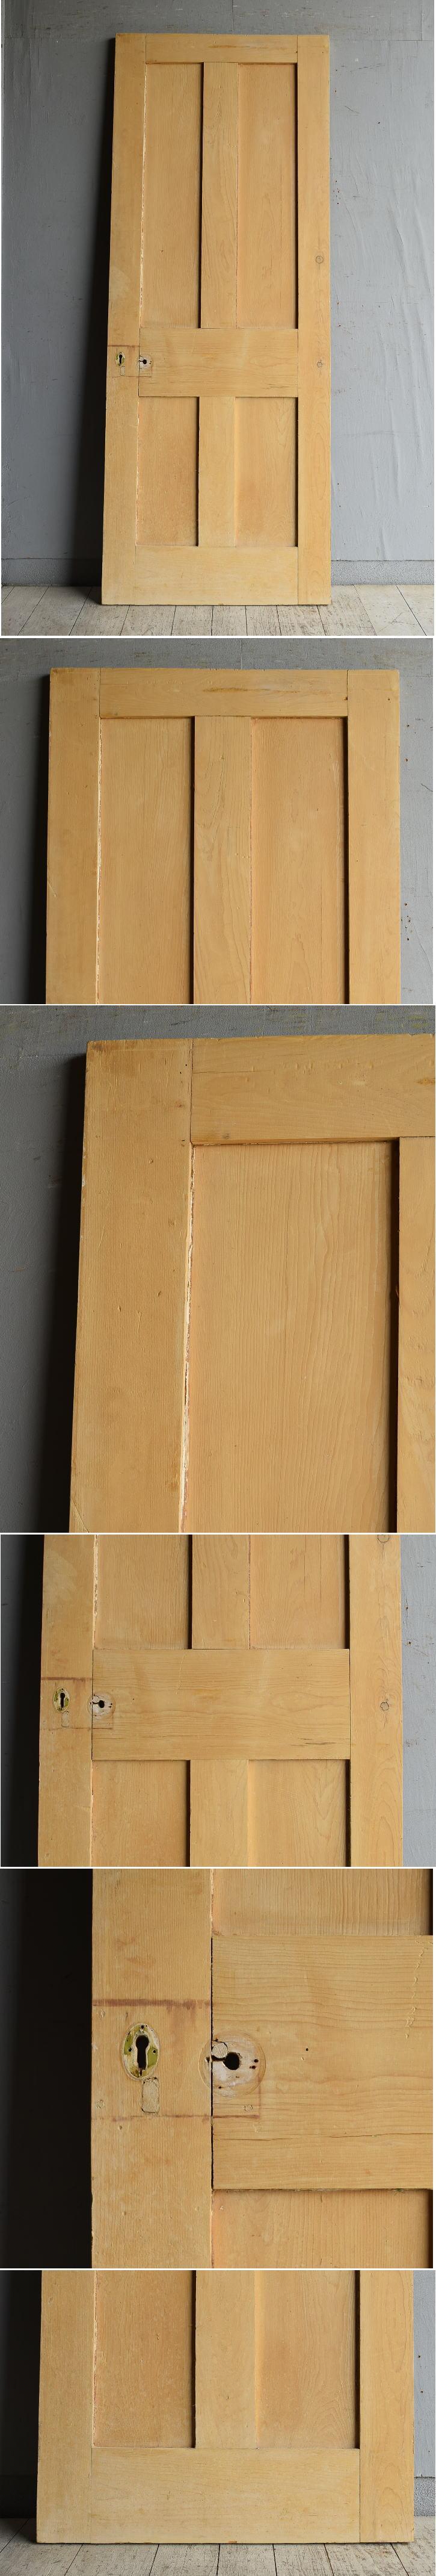 イギリス アンティーク オールドパイン ドア 扉 建具 8853